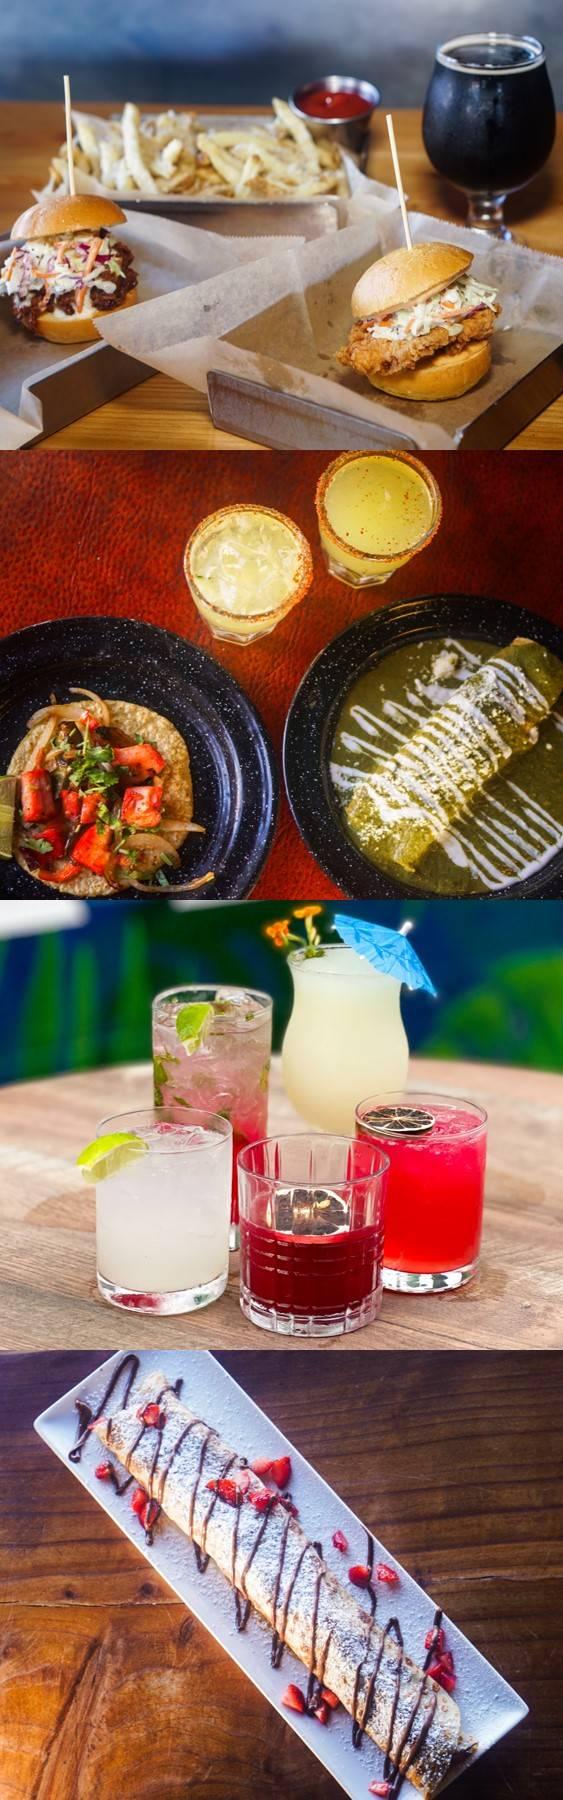 TastePro Food Tour San Diego North Park Icons